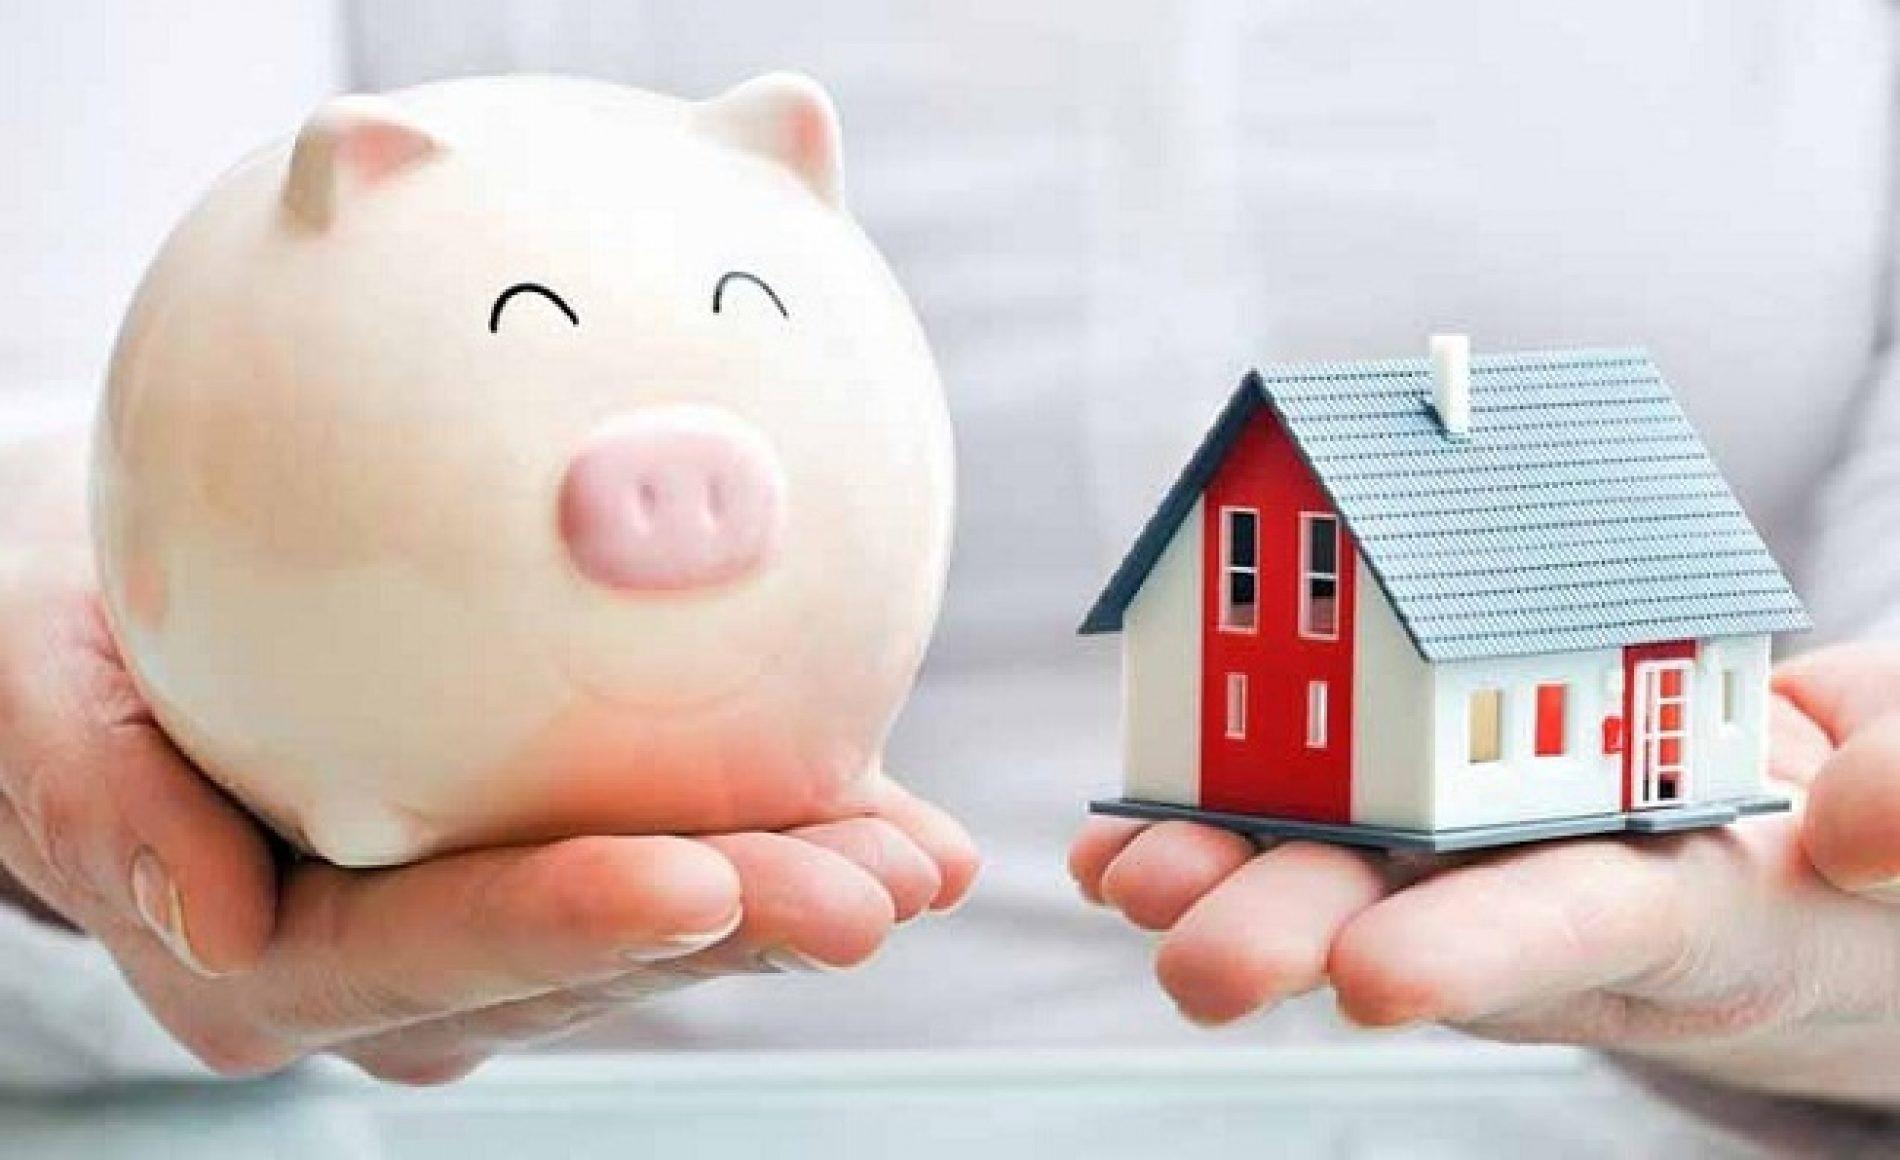 10 Thói Quen Chi Tiêu Giúp Bạn Tiết Kiệm Tiền Mua Nhà Hiệu Quả